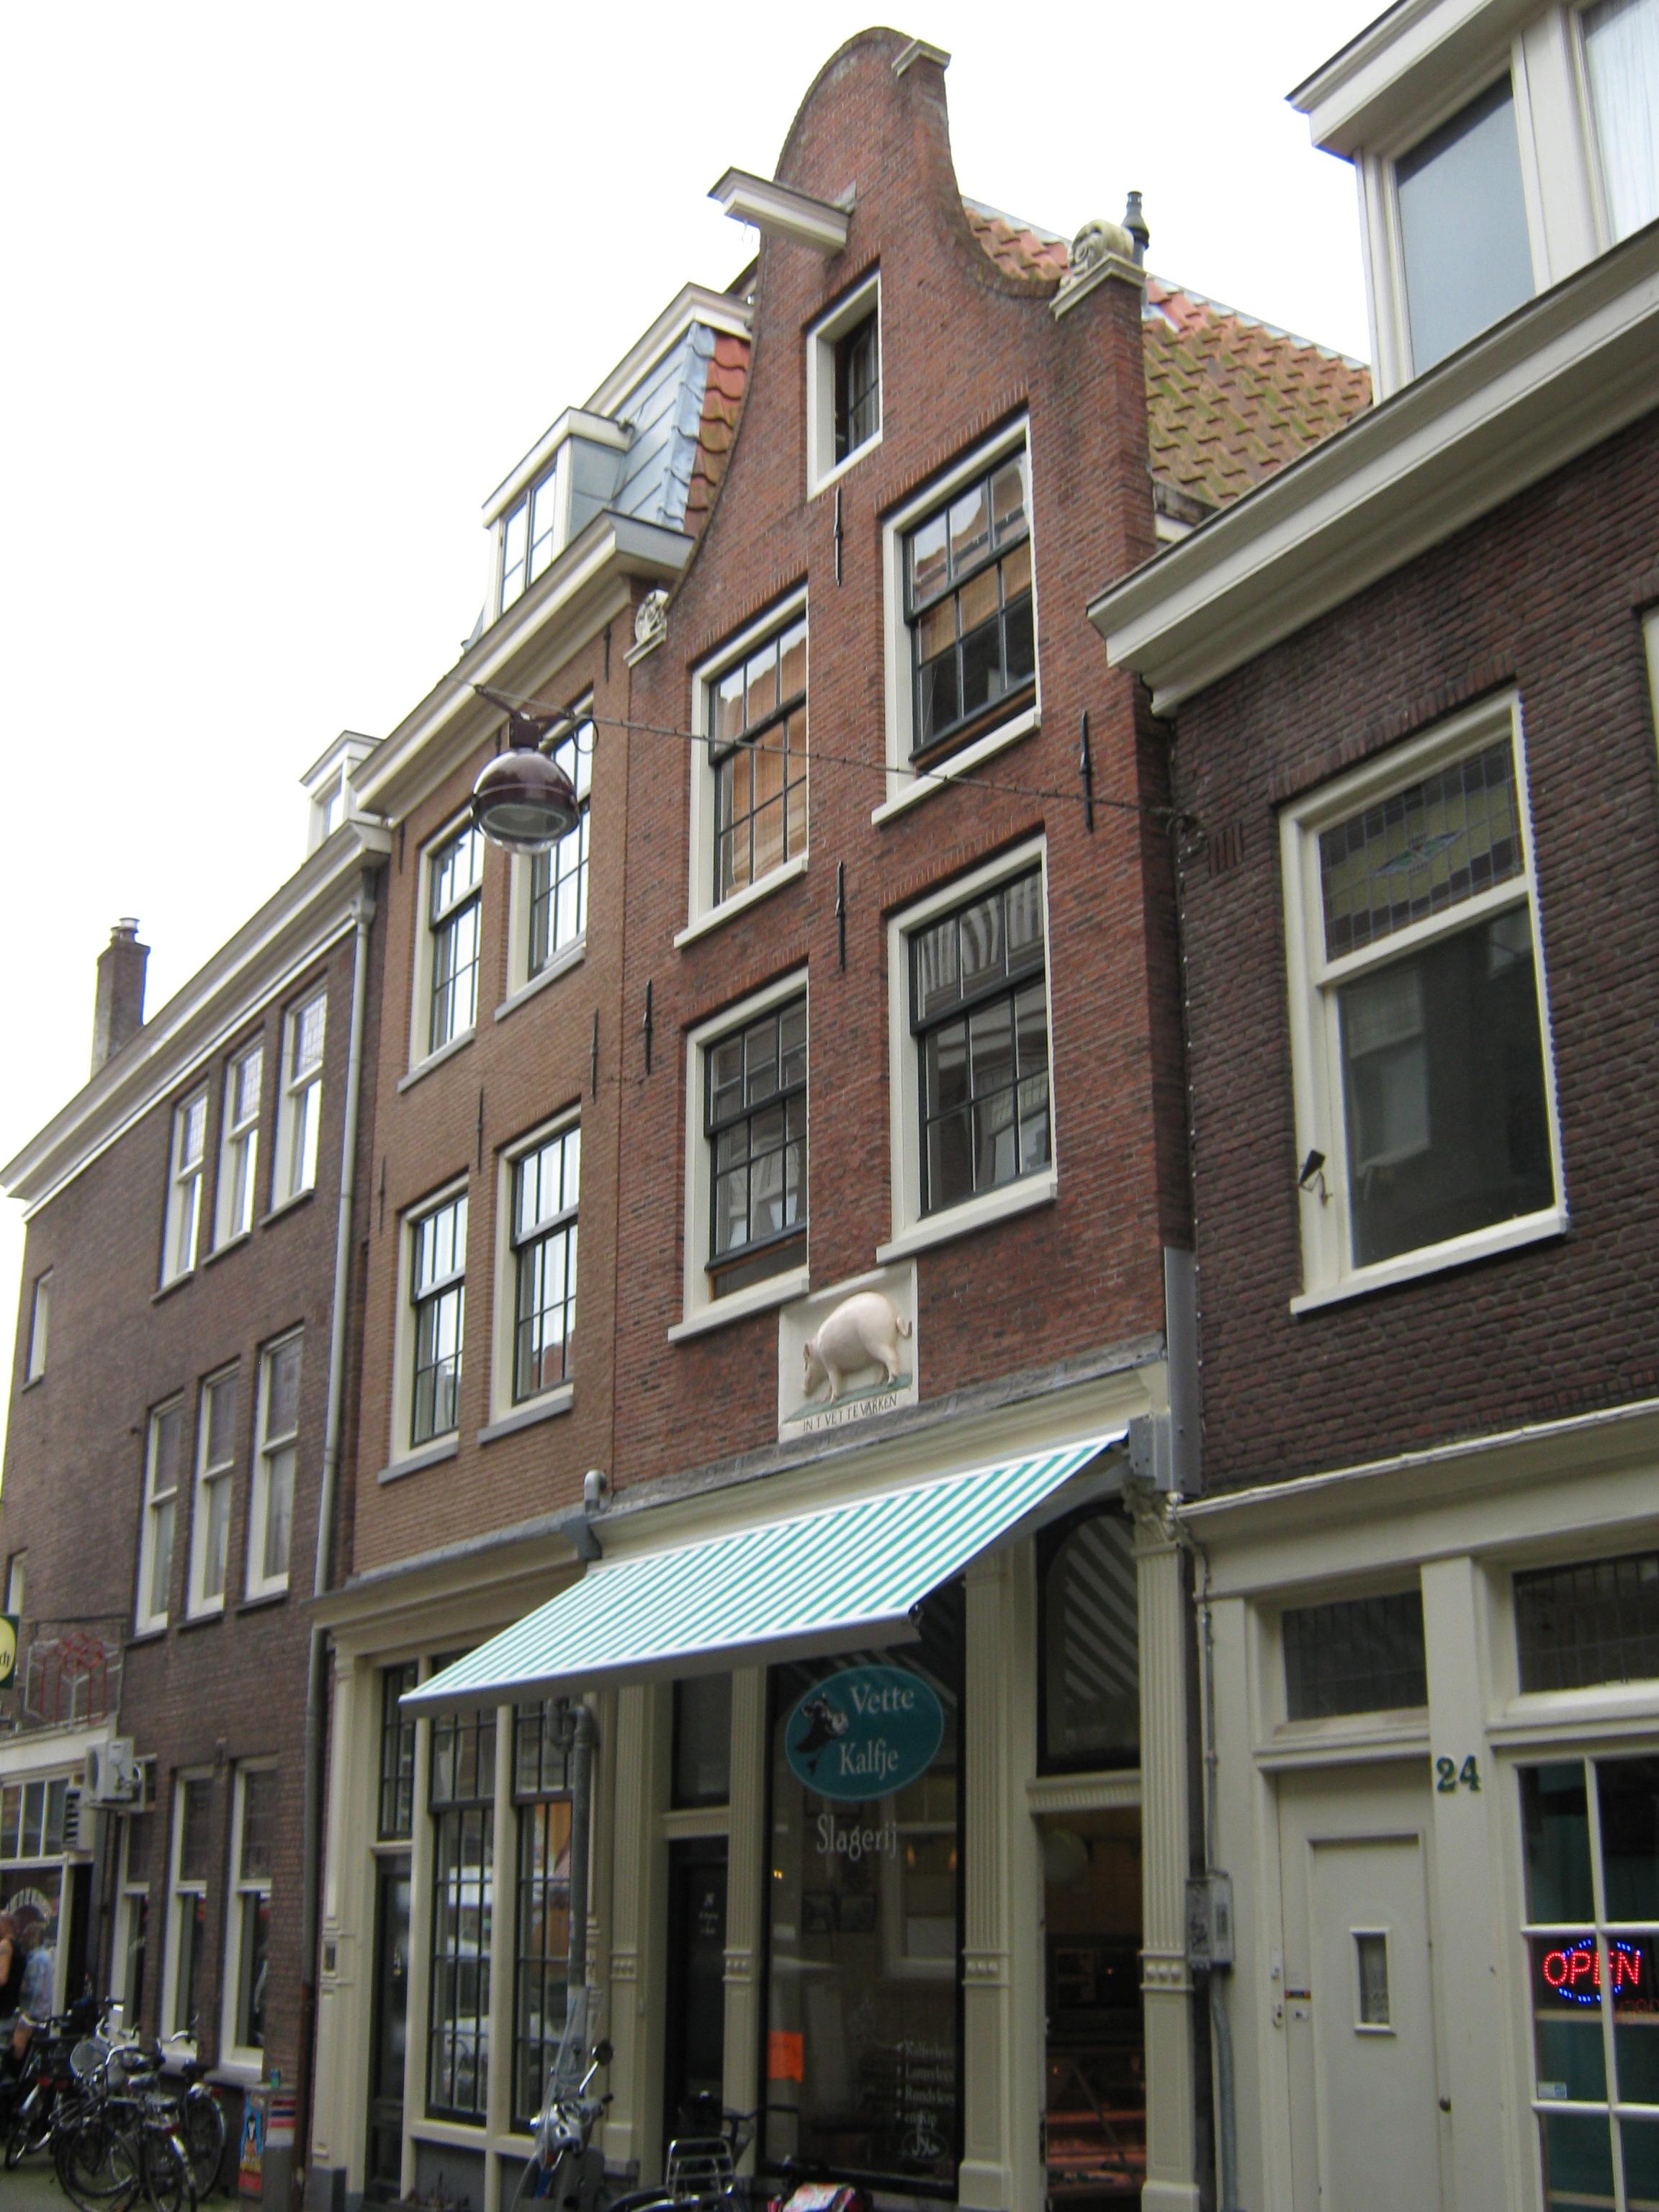 Huis met gevel onder rollagentop in amsterdam monument - Huis gevel ...